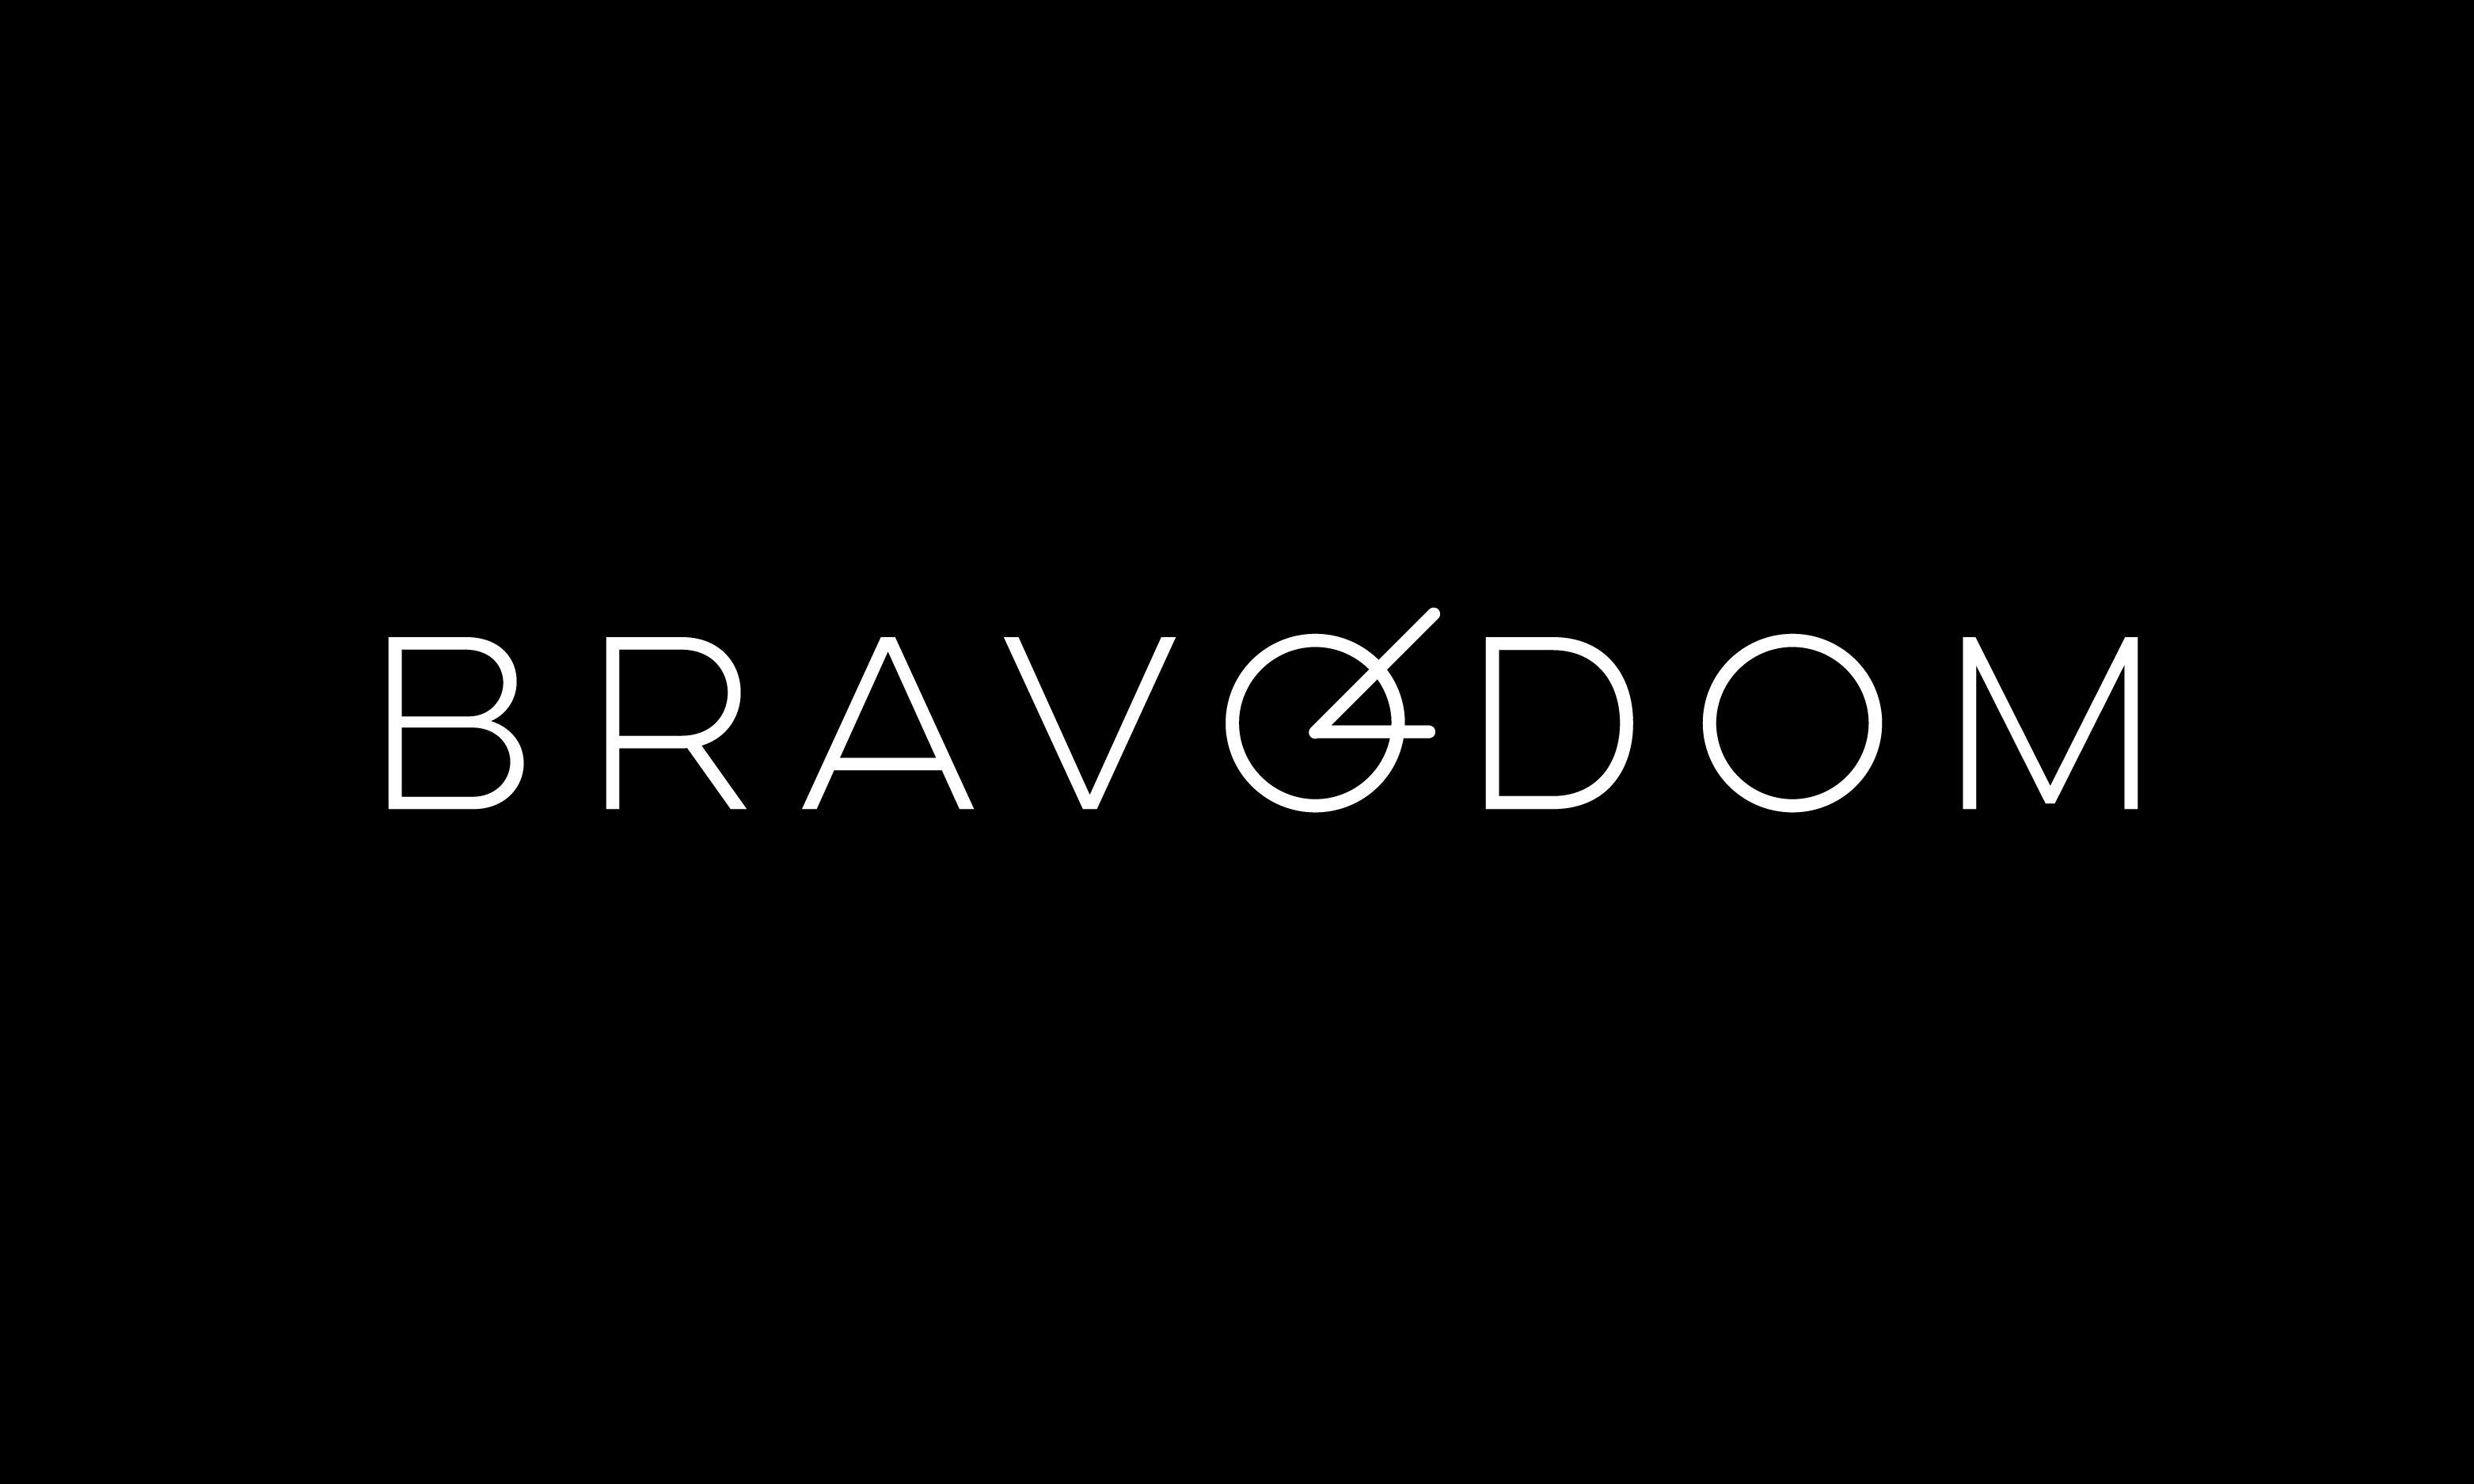 Bravodom.com